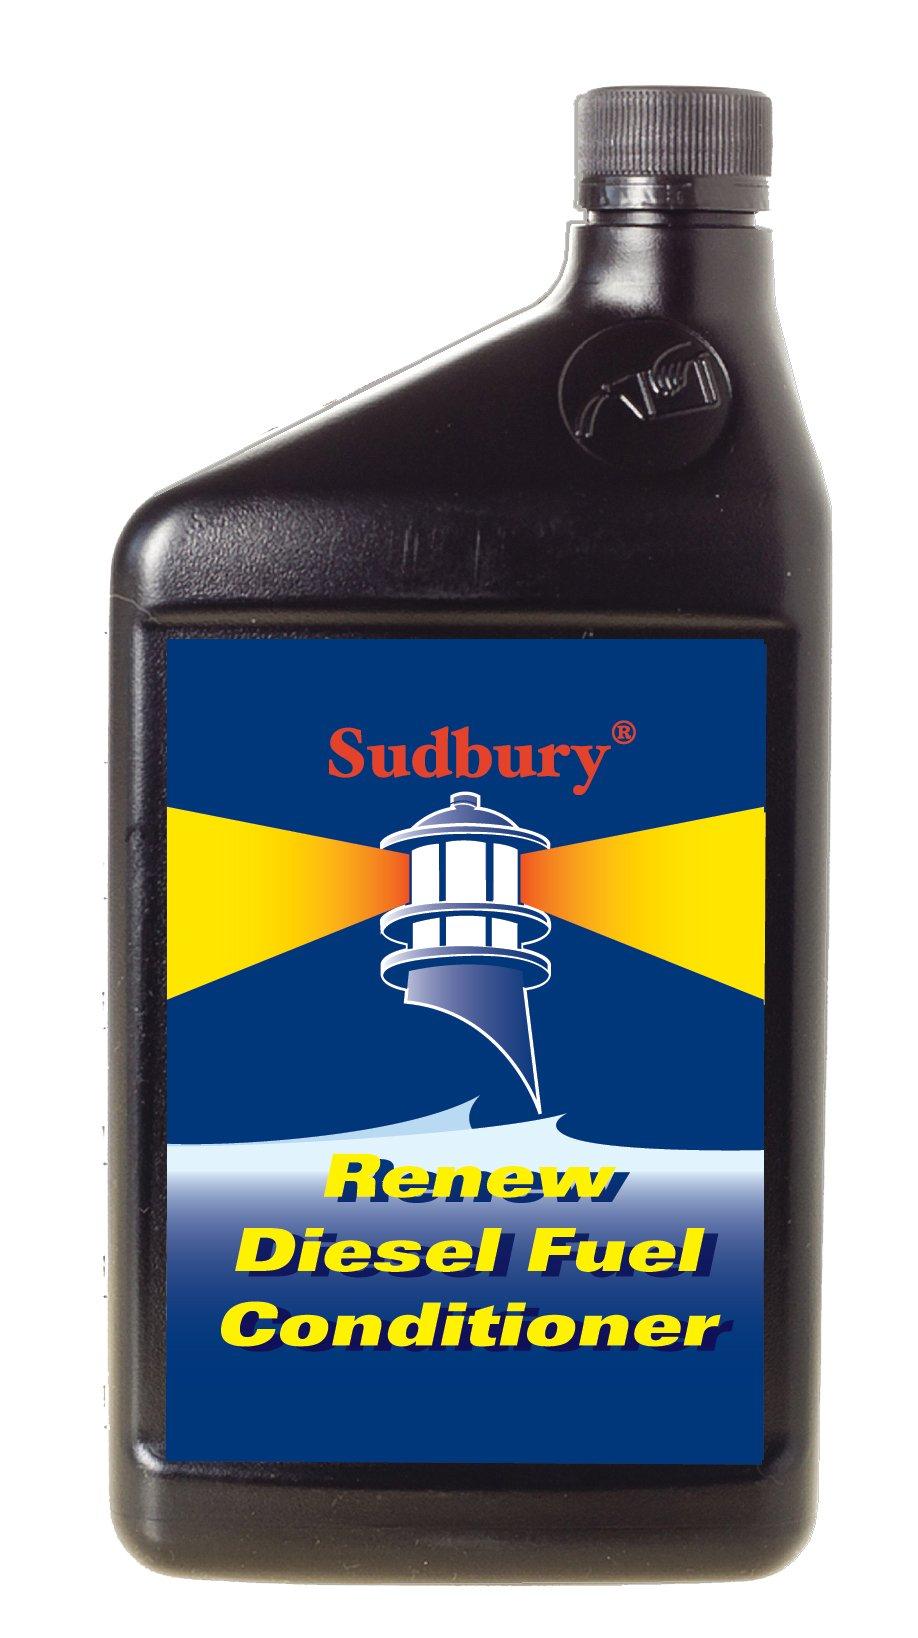 Sudbury Diesel Fuel Conditioner 32 oz